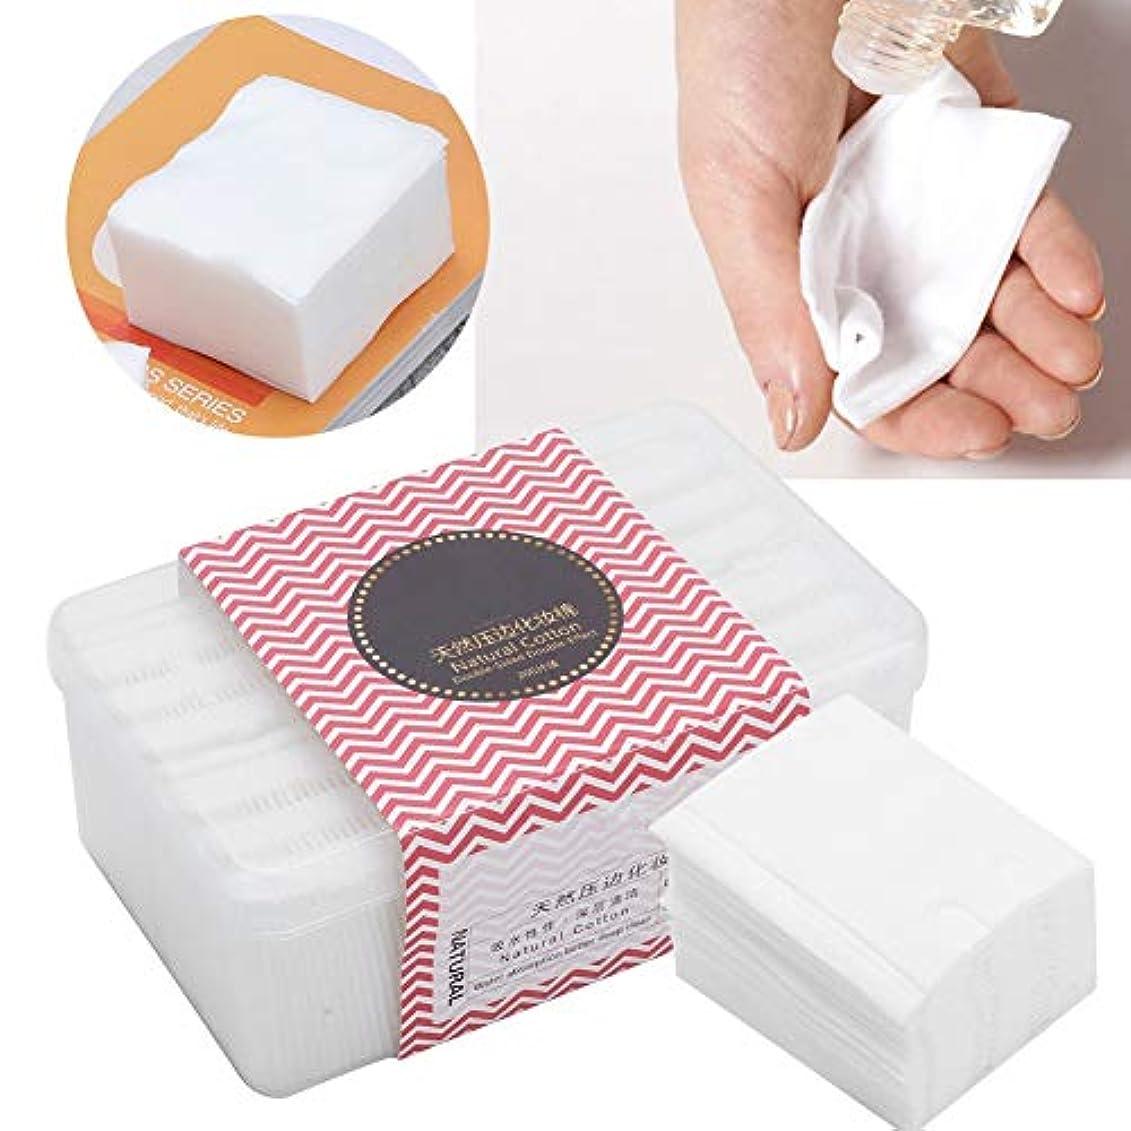 内なるベール命題使い捨て化粧パッド メイク 200枚セット 化粧品リムーバークリーニングワイプ